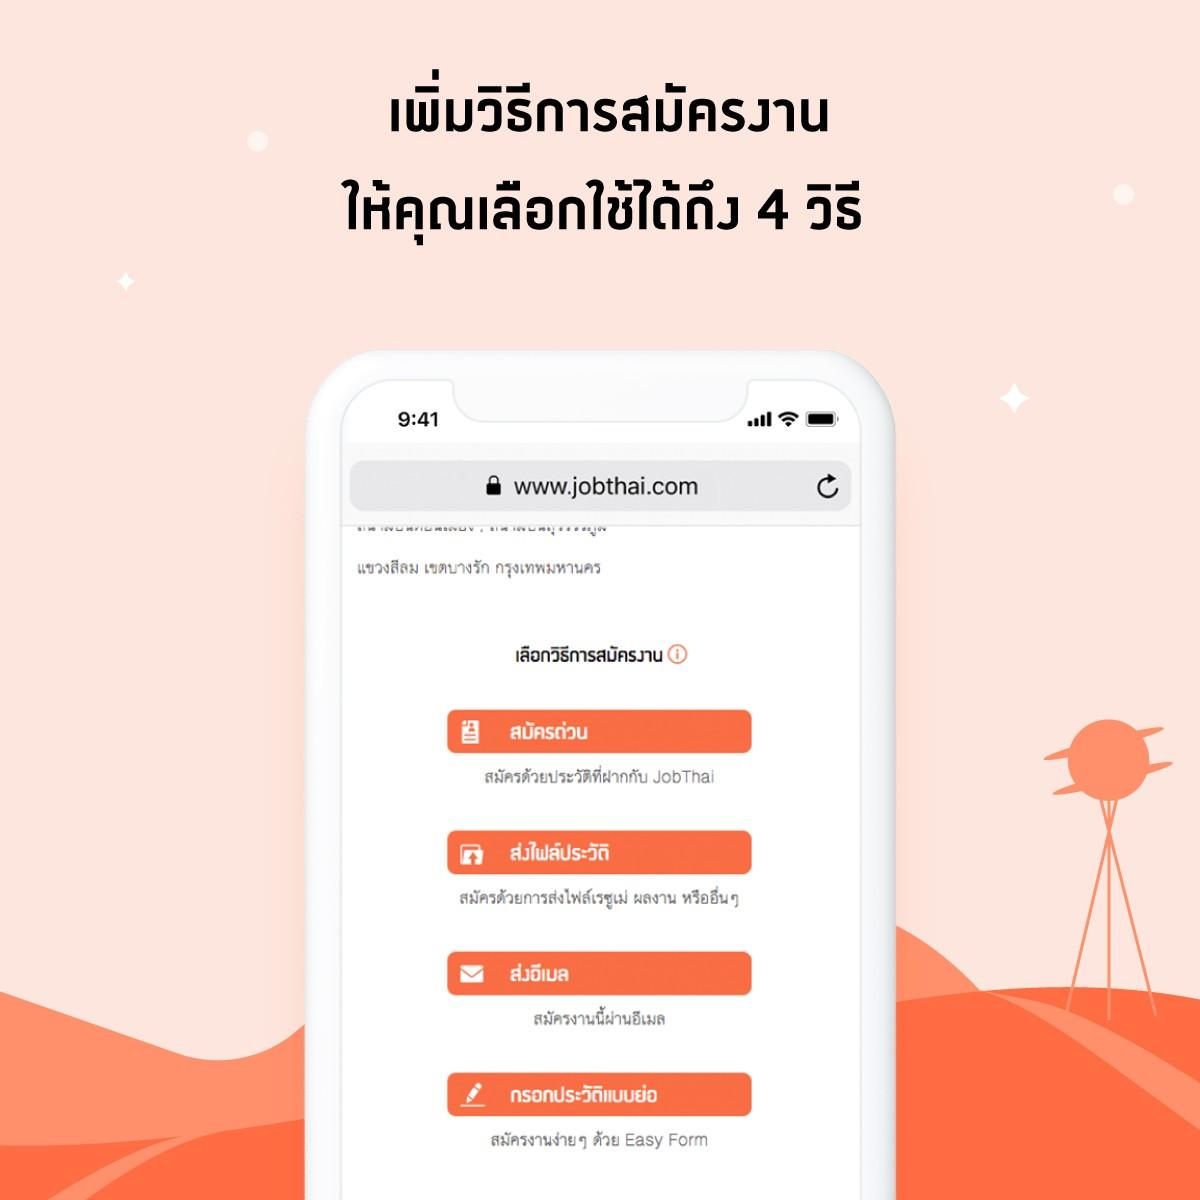 JobThai เว็บไซต์ดีไซน์ใหม่ 4 ช่องทางการสมัครงาน